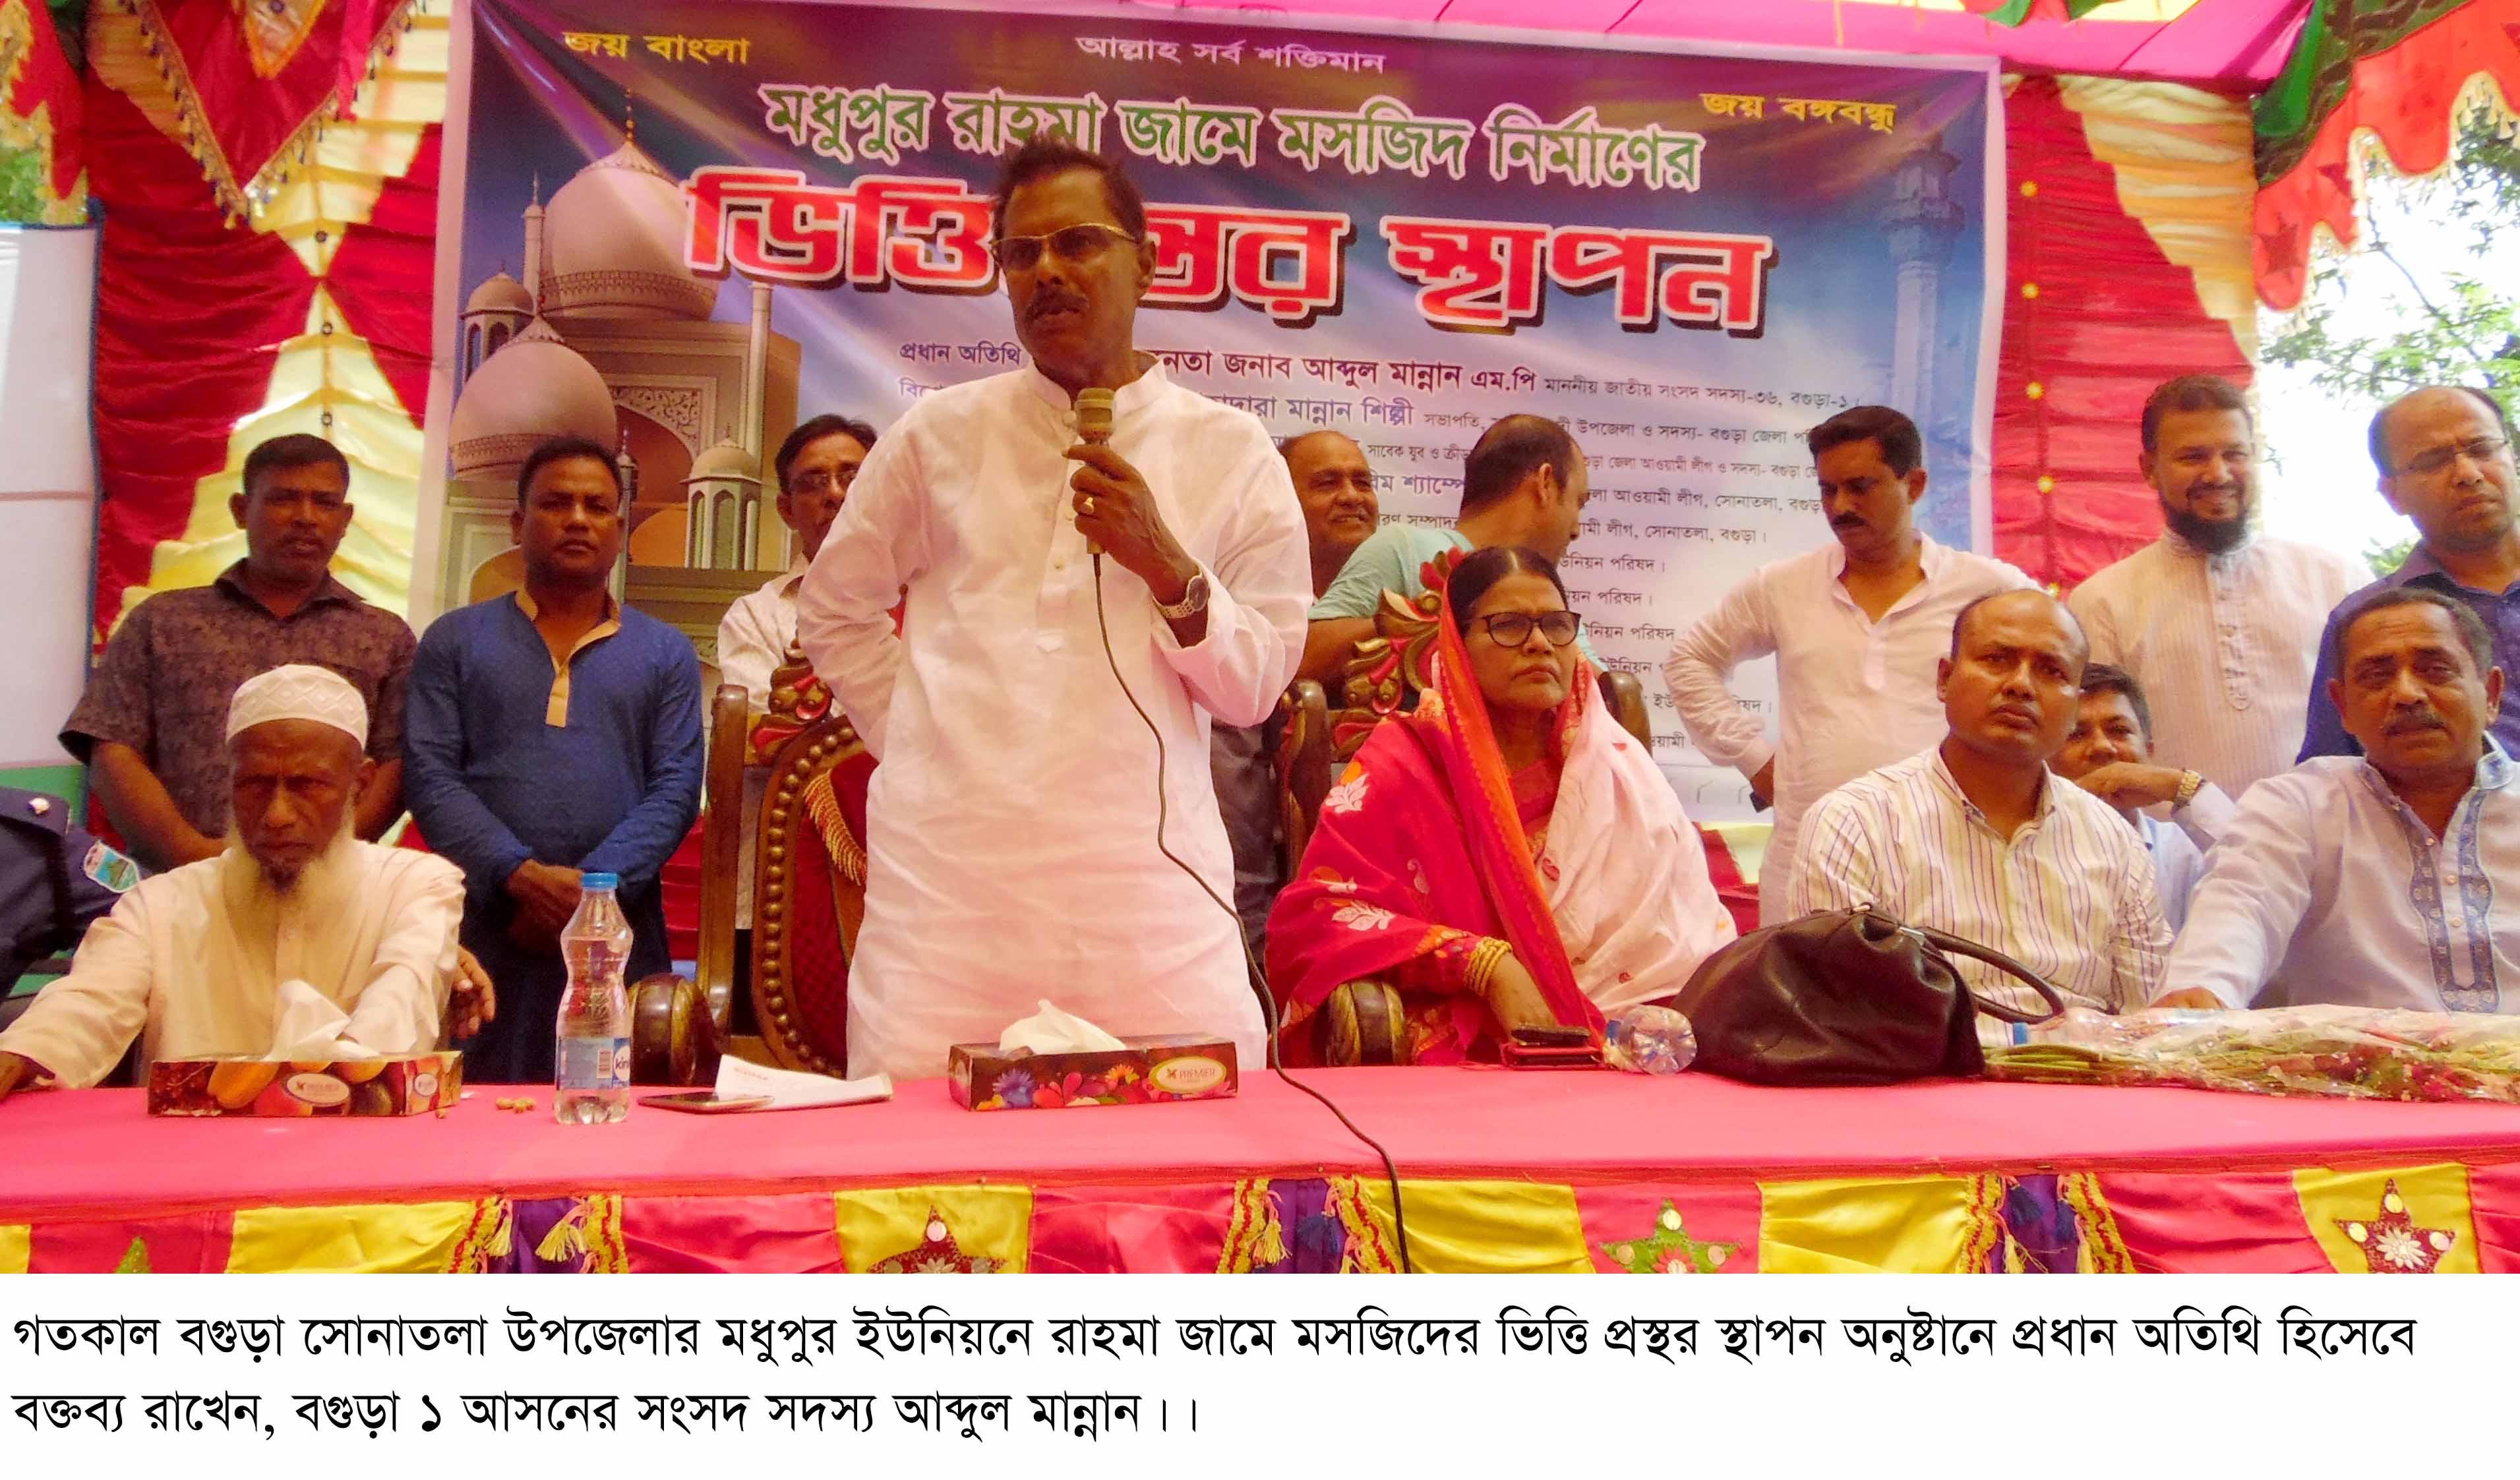 সোনাতলায় মধুপুর ইউনিয়নে রাহমা জামে মসজিদের ভিত্তিপ্রস্তর স্থাপন  ও আলোচনাসভা অনুষ্ঠিত